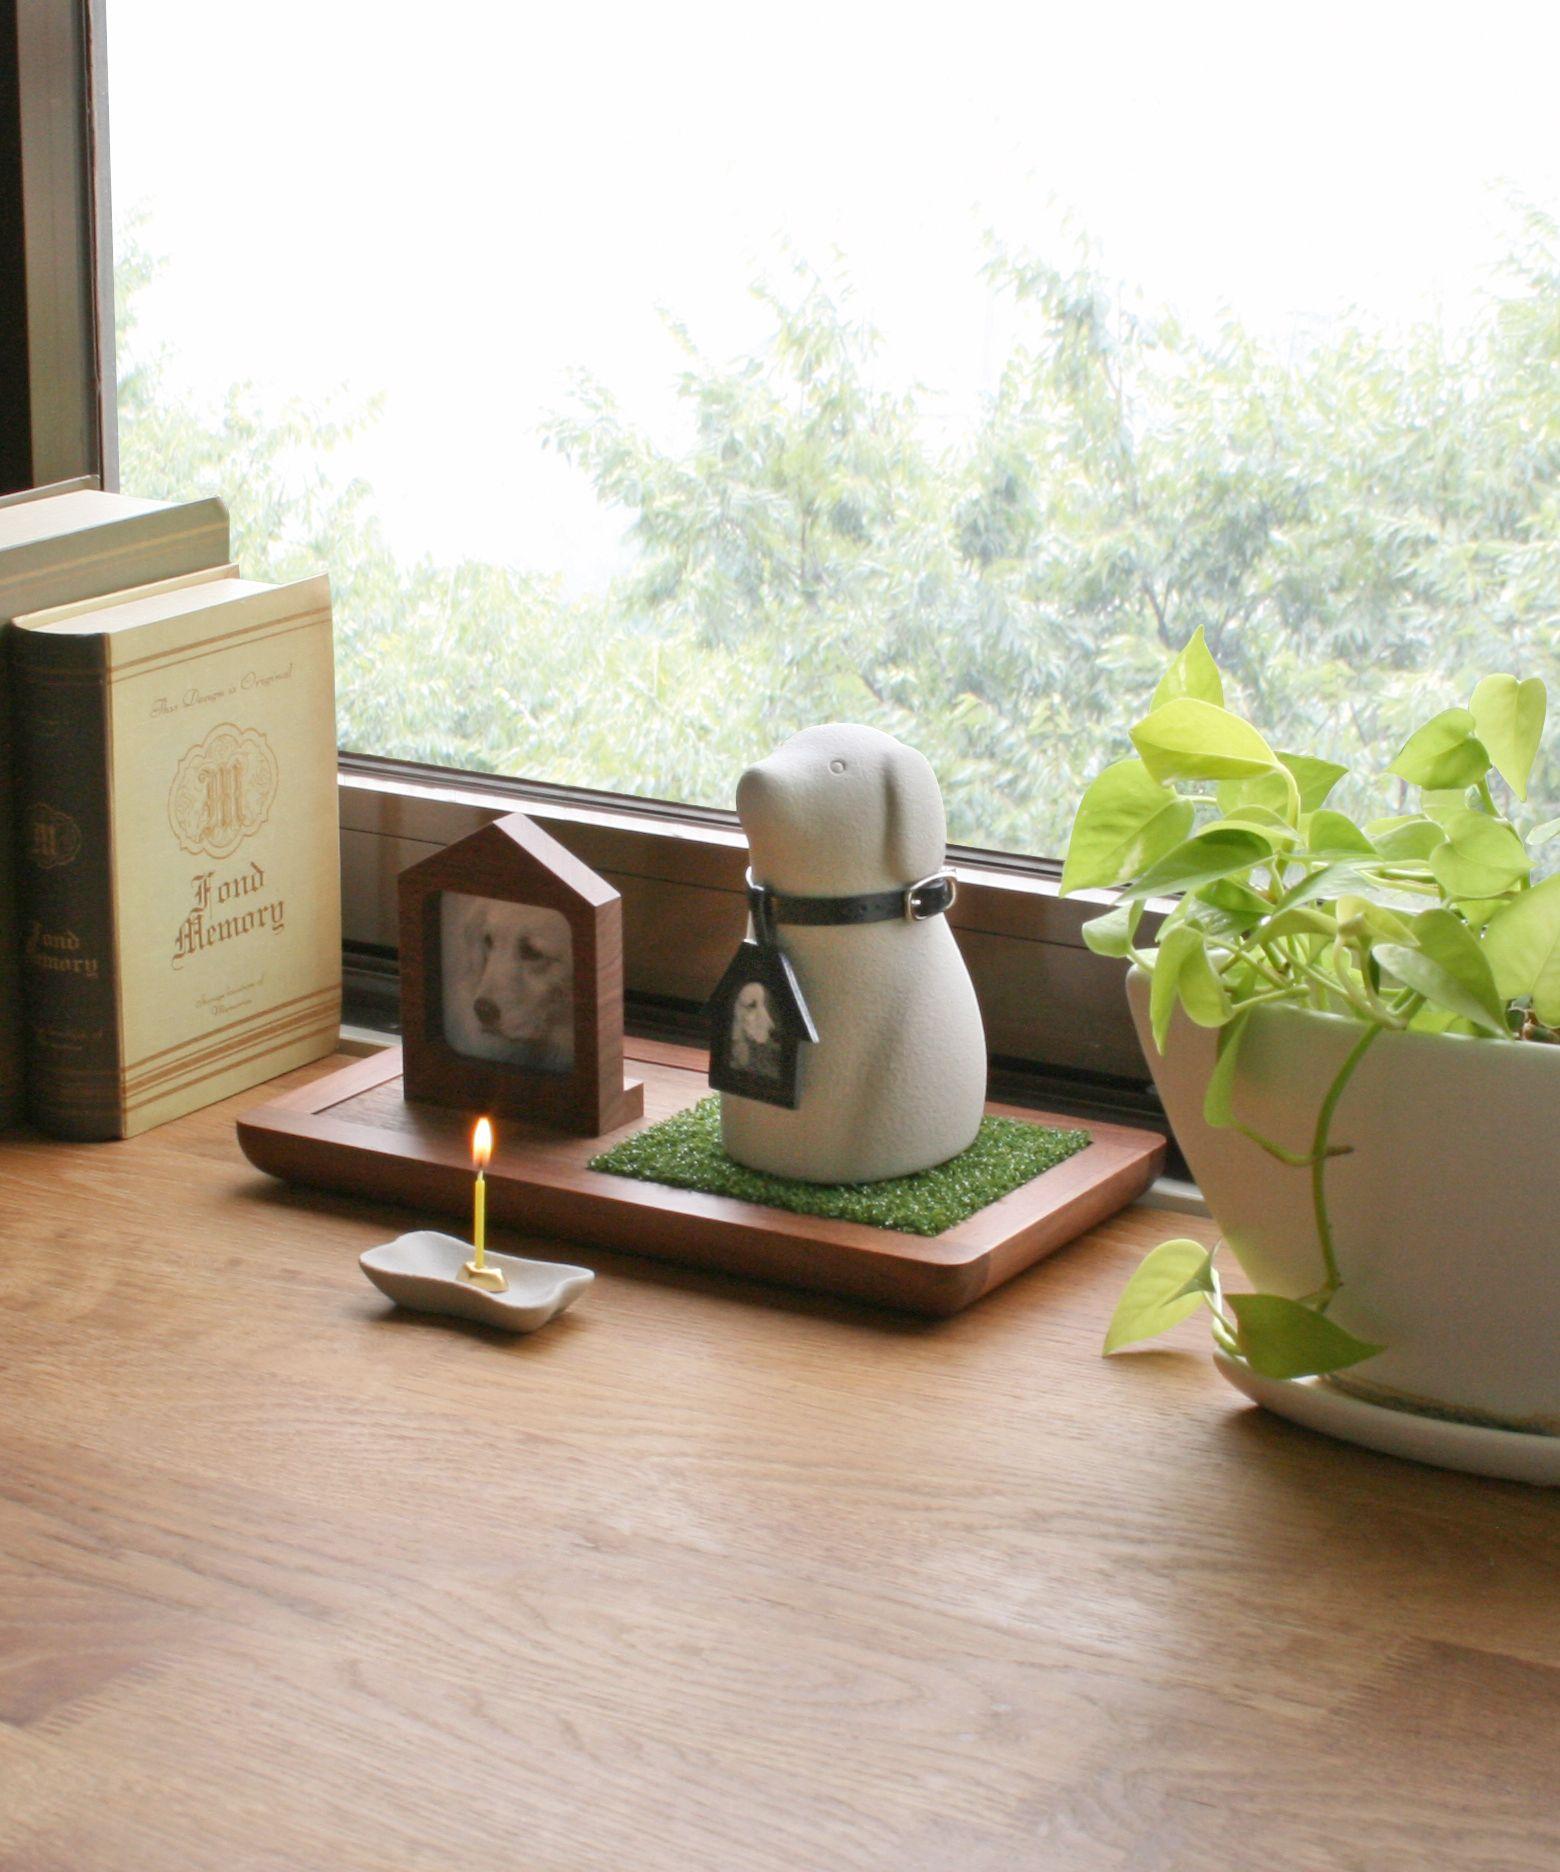 Coccolino ペット仏壇 骨壷 無垢のウォールナット製ステージ ペット 仏壇 ペット 骨壷 仏壇